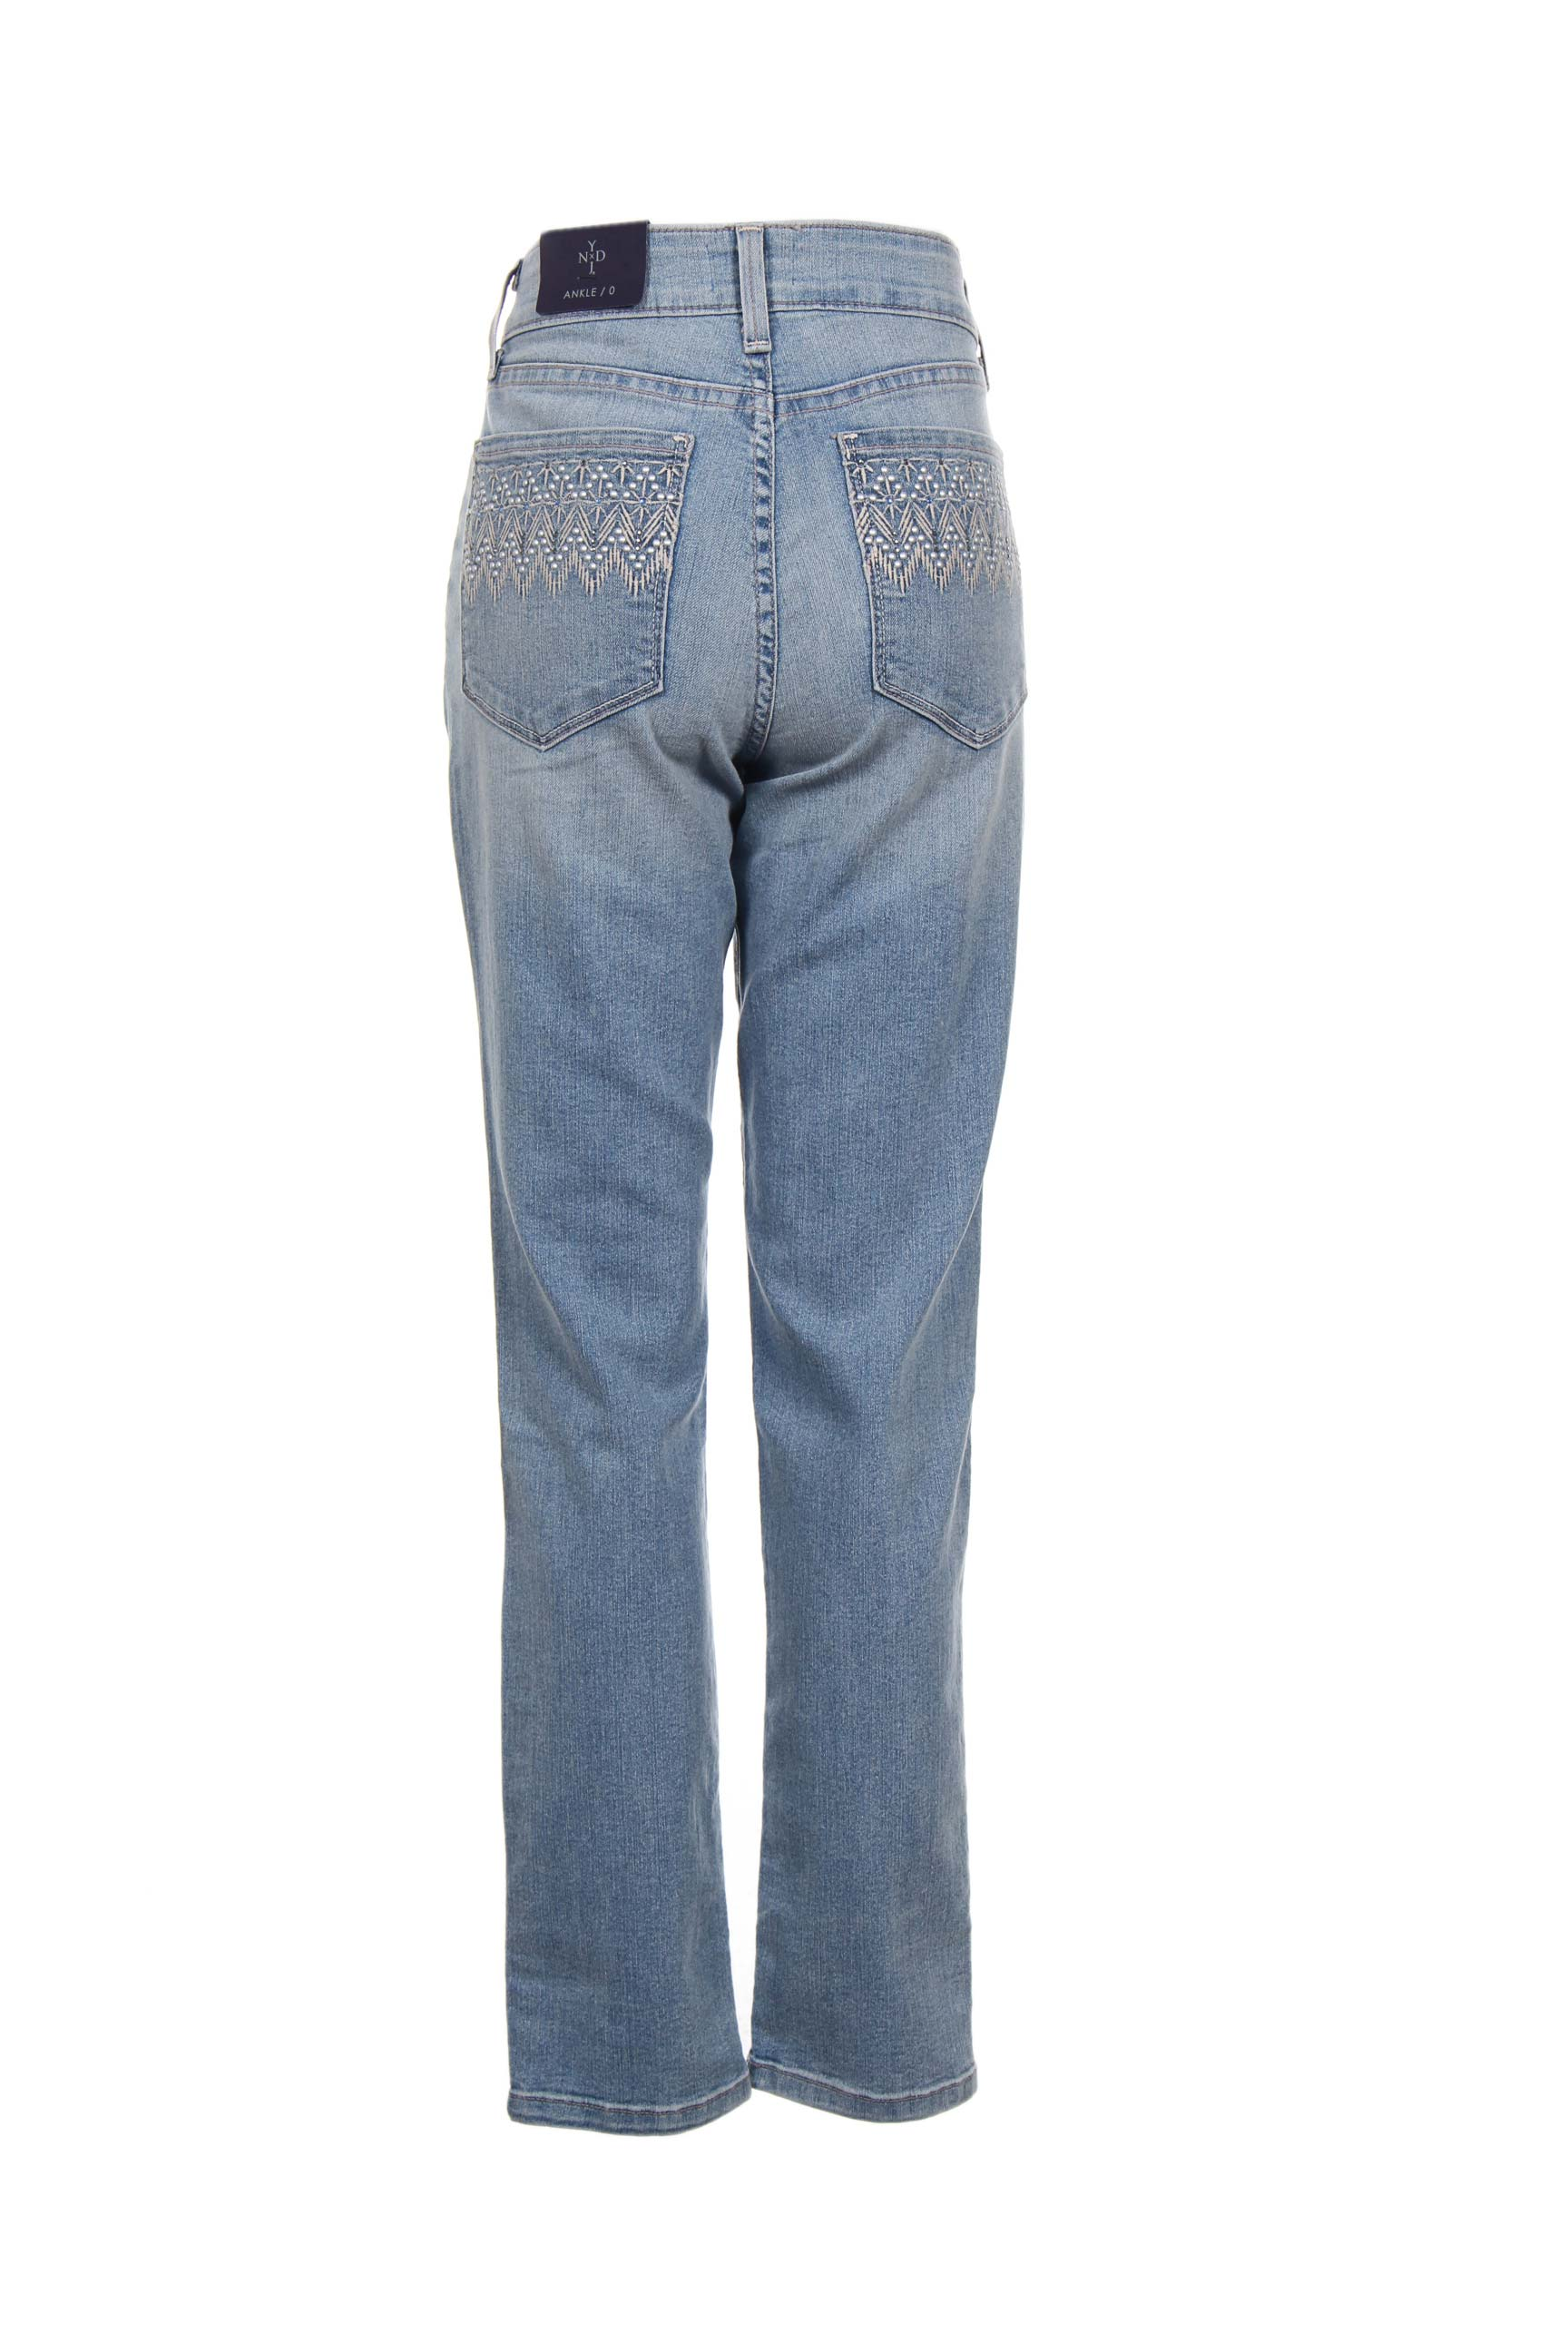 Nydj Jeans Coupe Slim Femme De Couleur Bleu En Soldes Pas Cher 1207620-bleu00